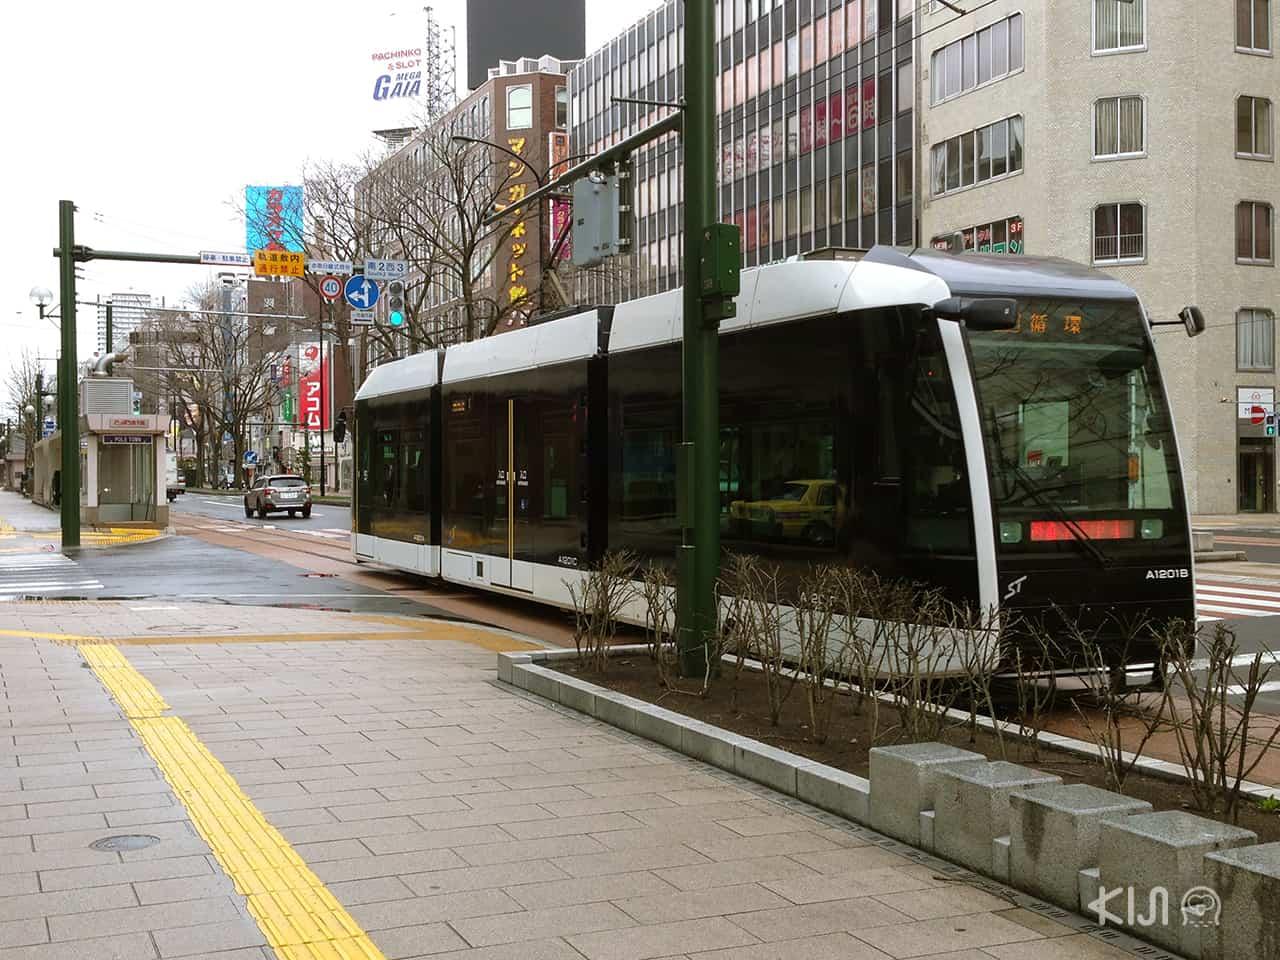 รถราง สุดคลาสสิกที่ 5 เมืองท่องเที่ยวยอดนิยมใน ญี่ปุ่น